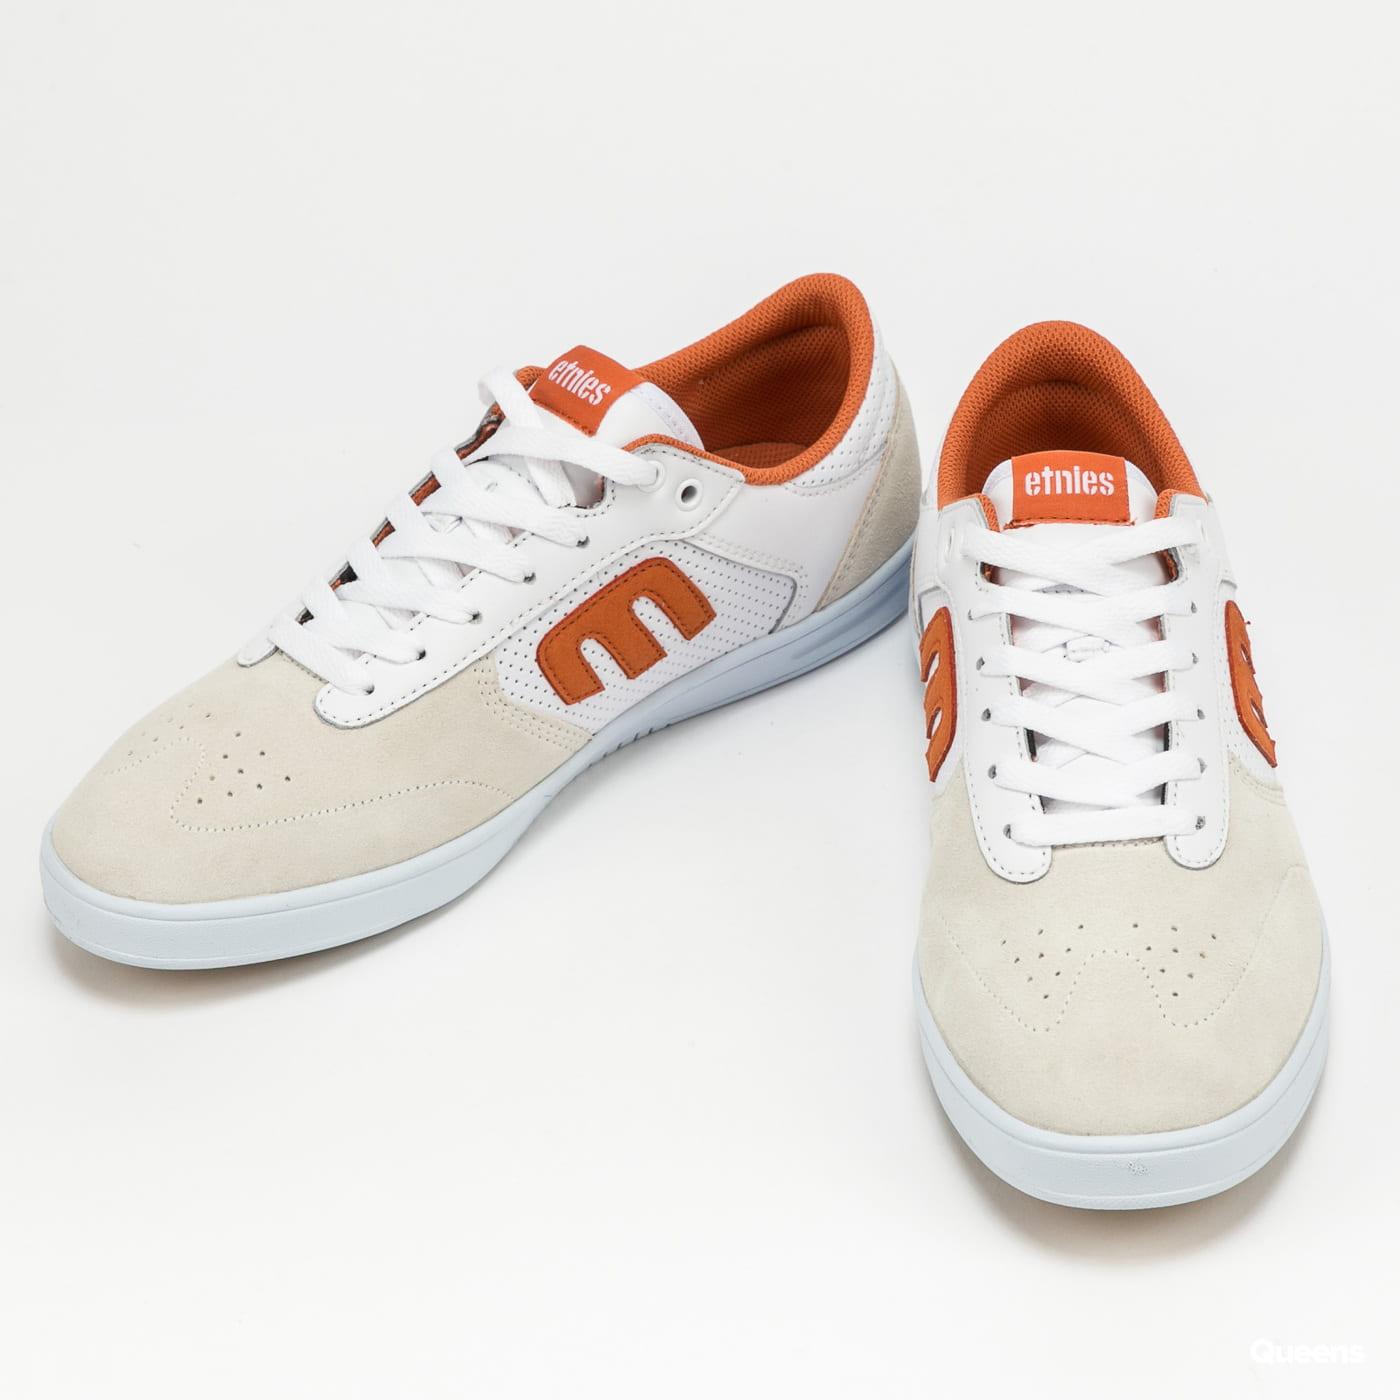 etnies Windrow white / orange